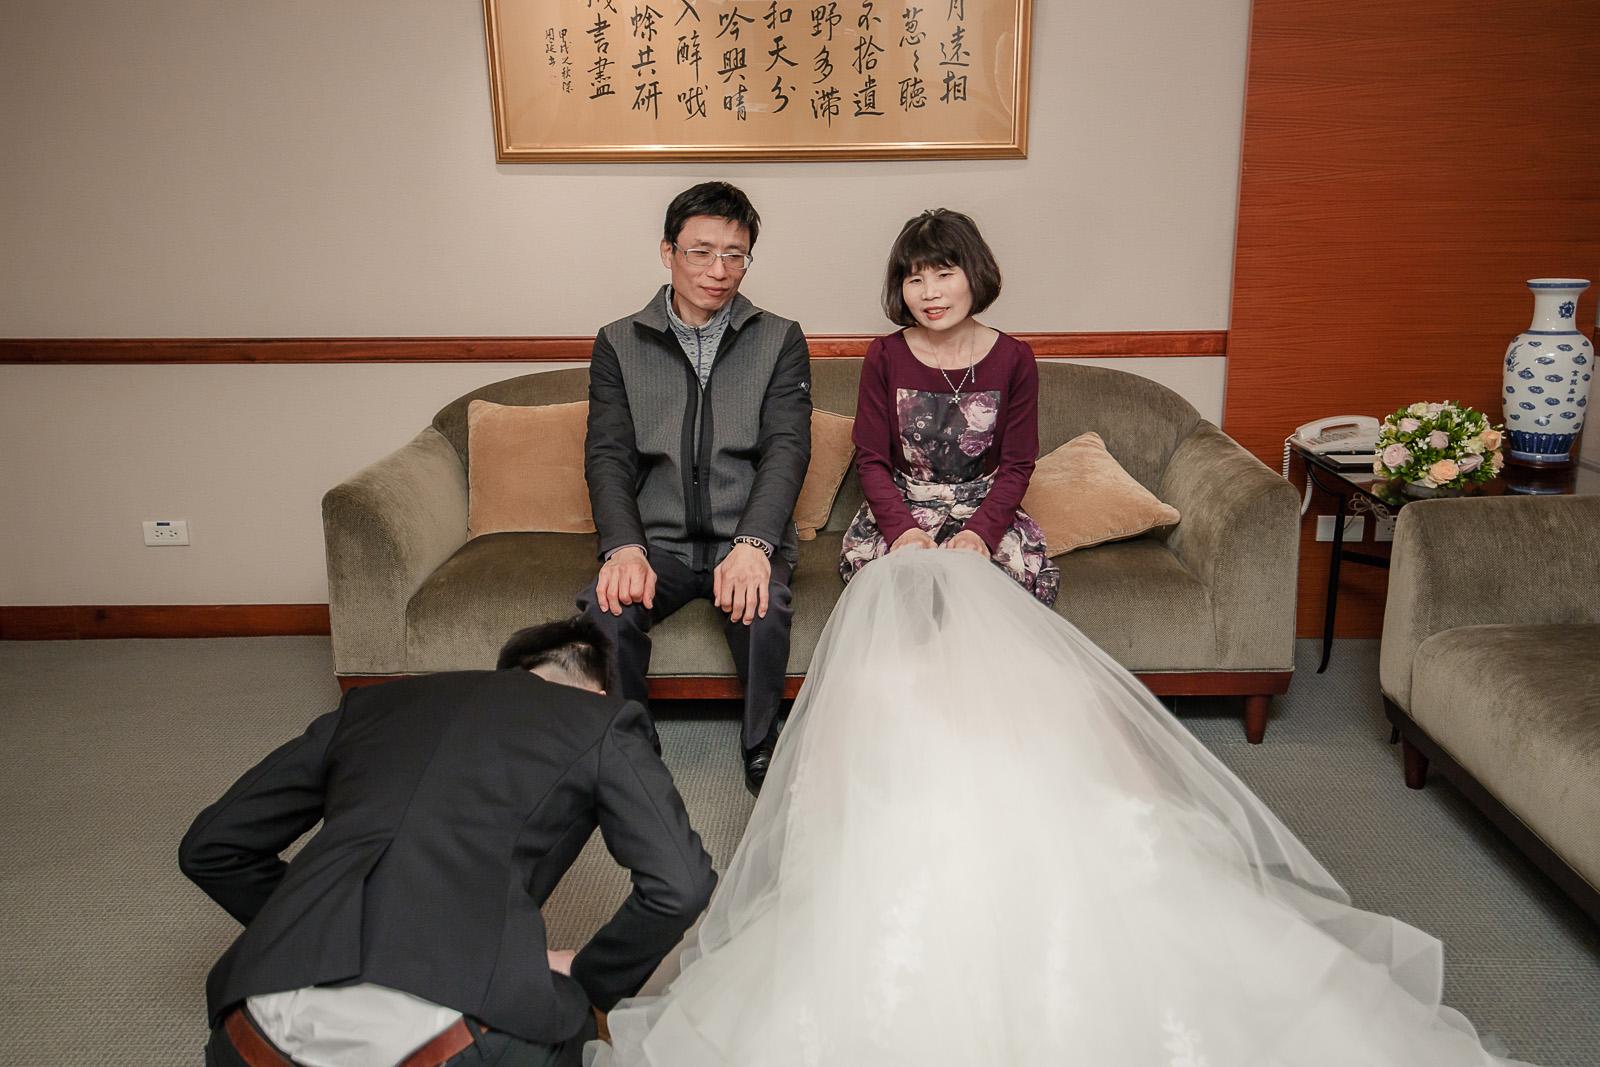 高雄圓山飯店,婚禮攝影,婚攝,高雄婚攝,優質婚攝推薦,Jen&Ethan-147